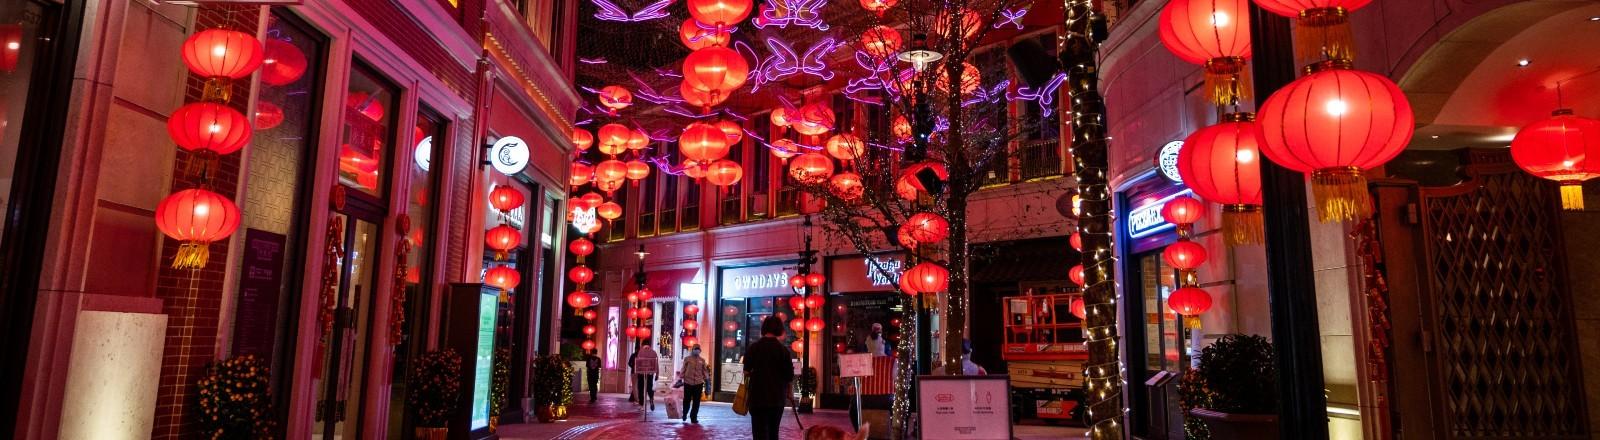 Bunte, rote Lichter in einer leeren Straße am Chinesischen Neujahrsfest